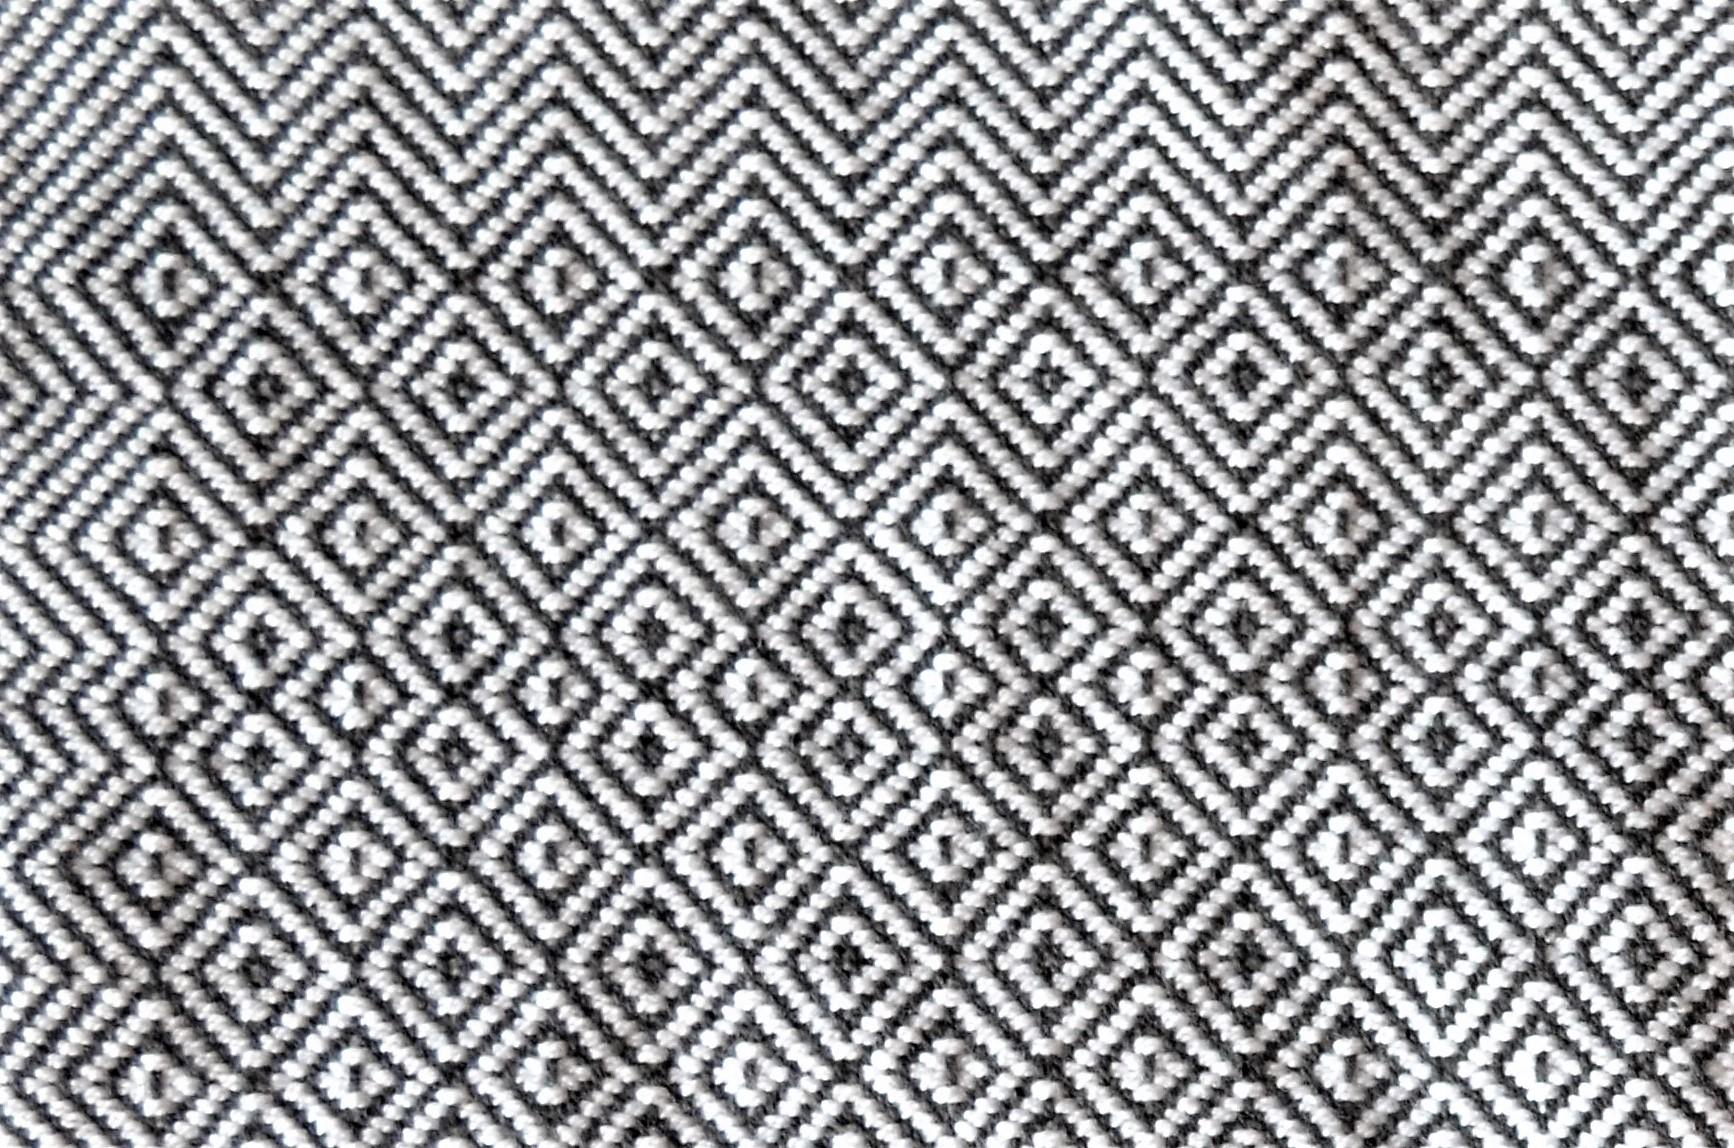 landis valley linen weaving in cotton / warporweft.com